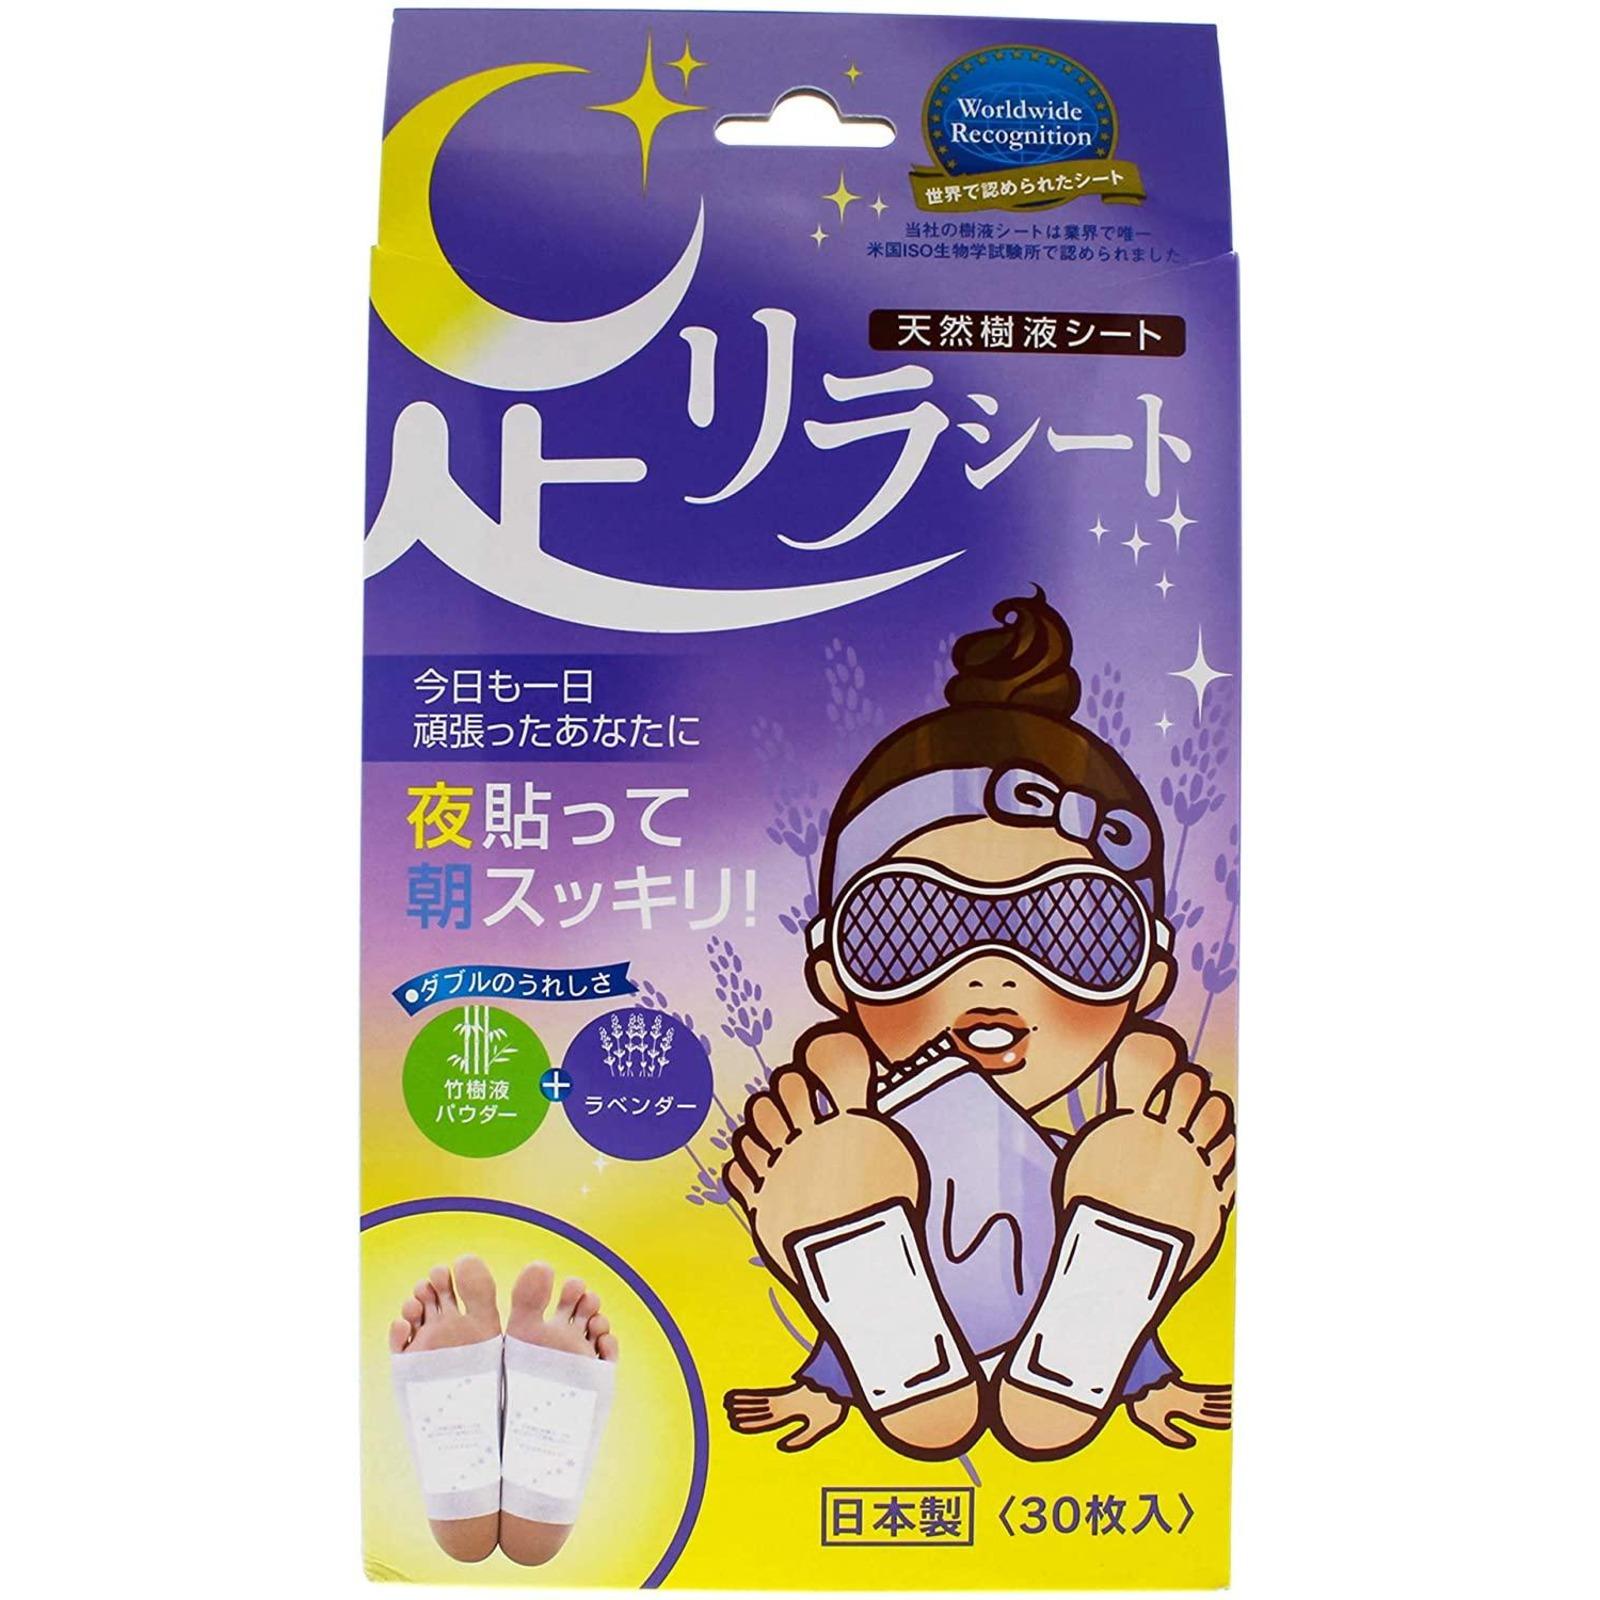 Kinomegumi Kinomegumi Foot Relax Sheet Lavender 30pcs